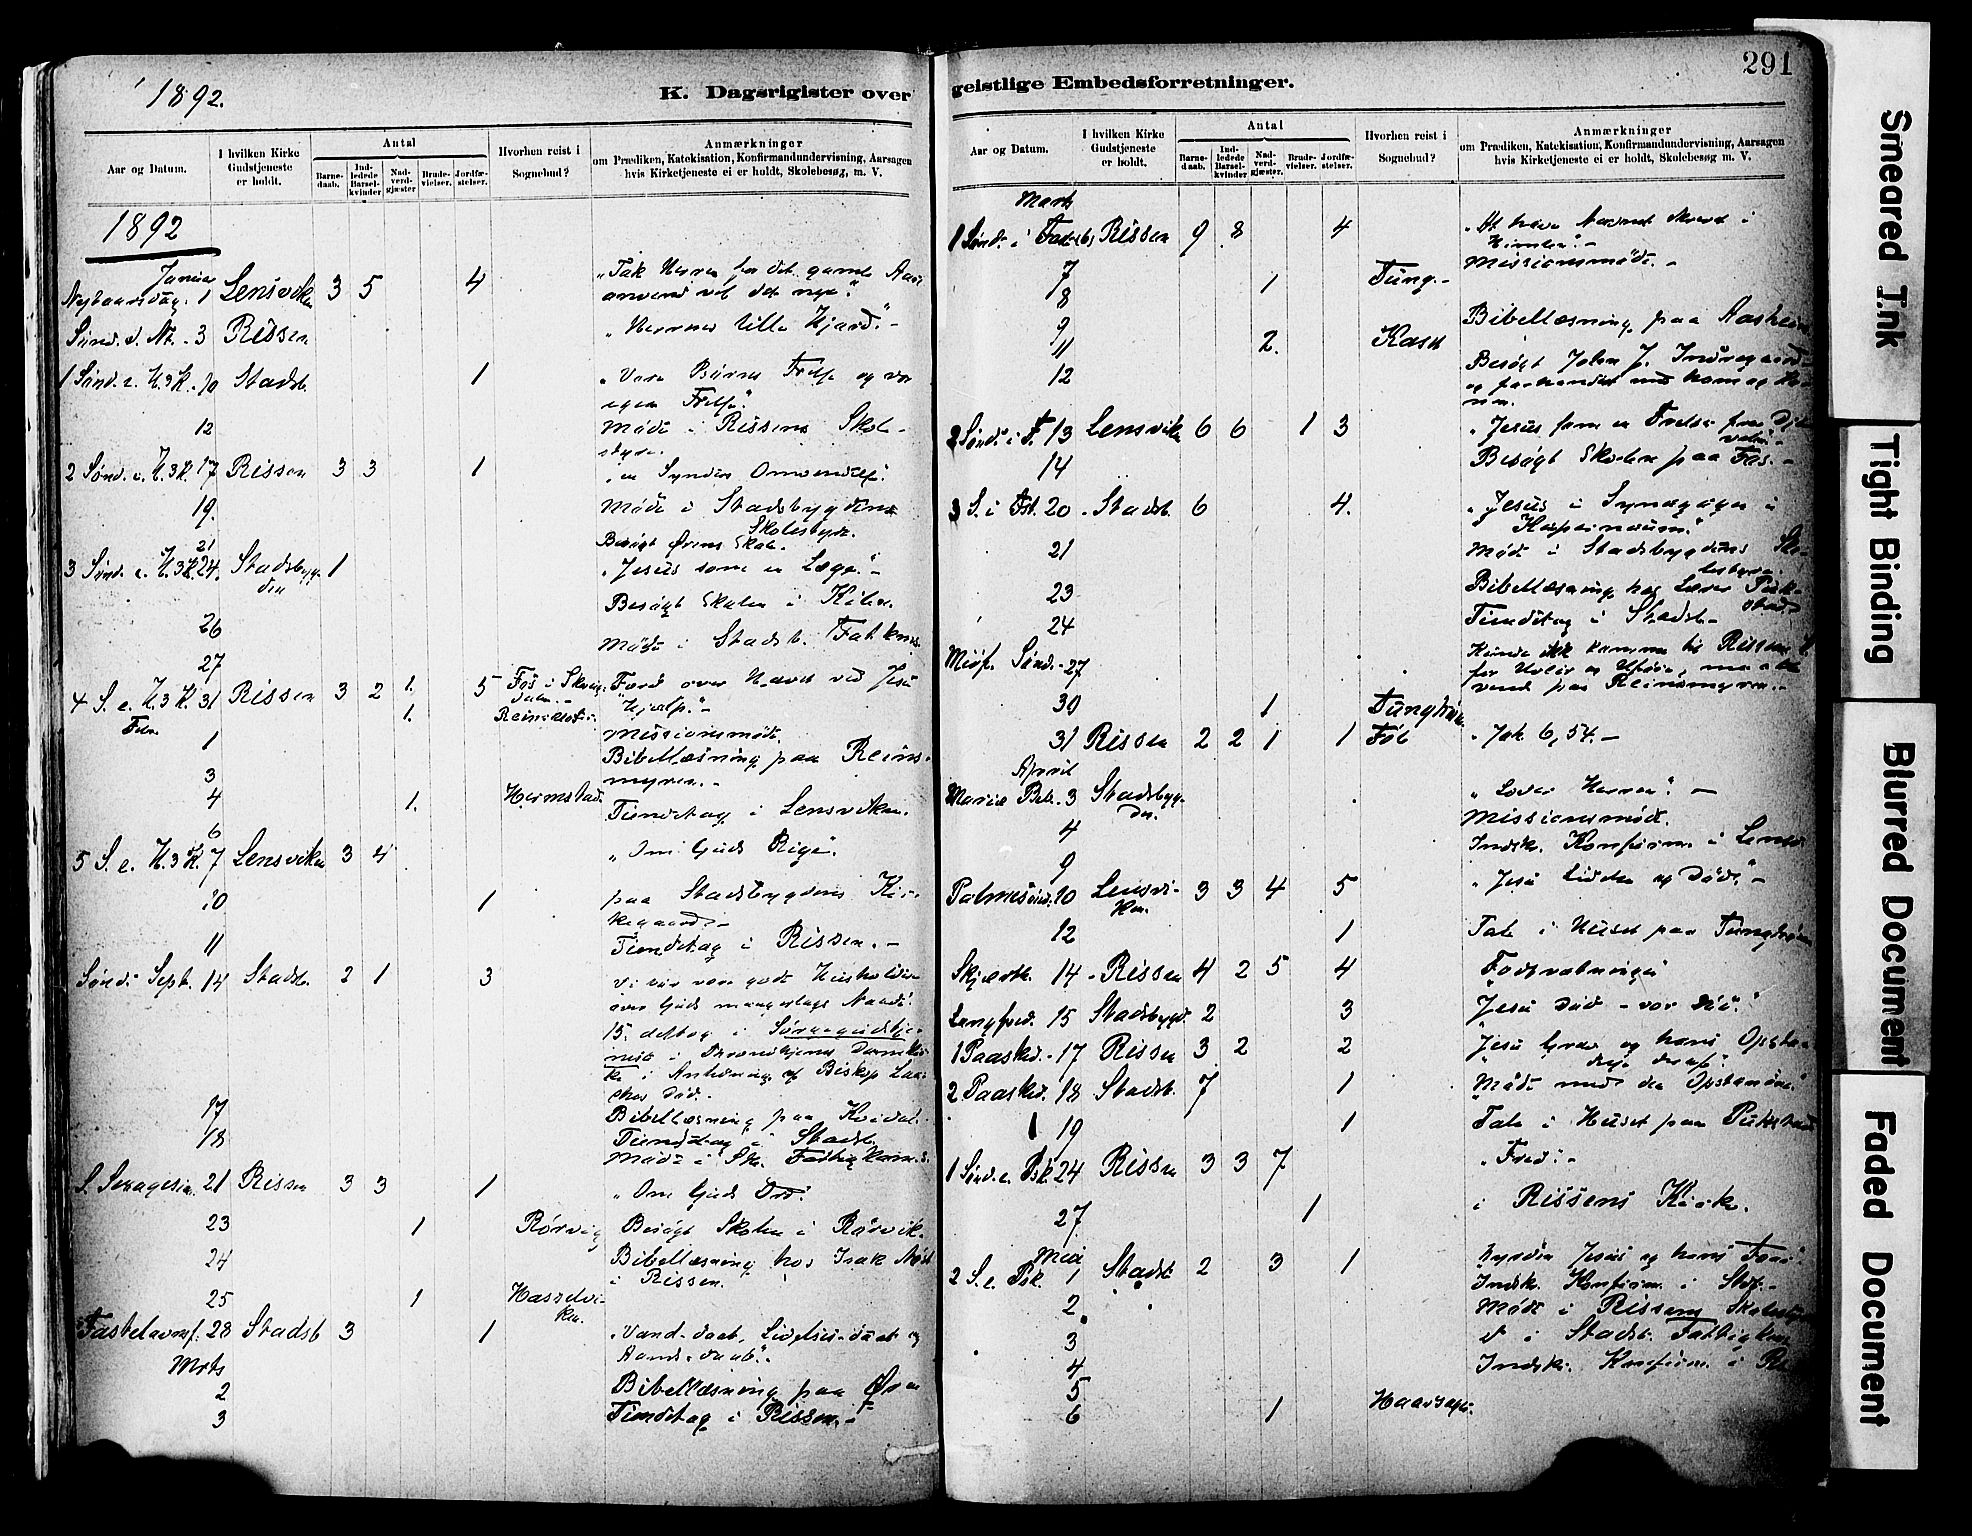 SAT, Ministerialprotokoller, klokkerbøker og fødselsregistre - Sør-Trøndelag, 646/L0615: Ministerialbok nr. 646A13, 1885-1900, s. 291